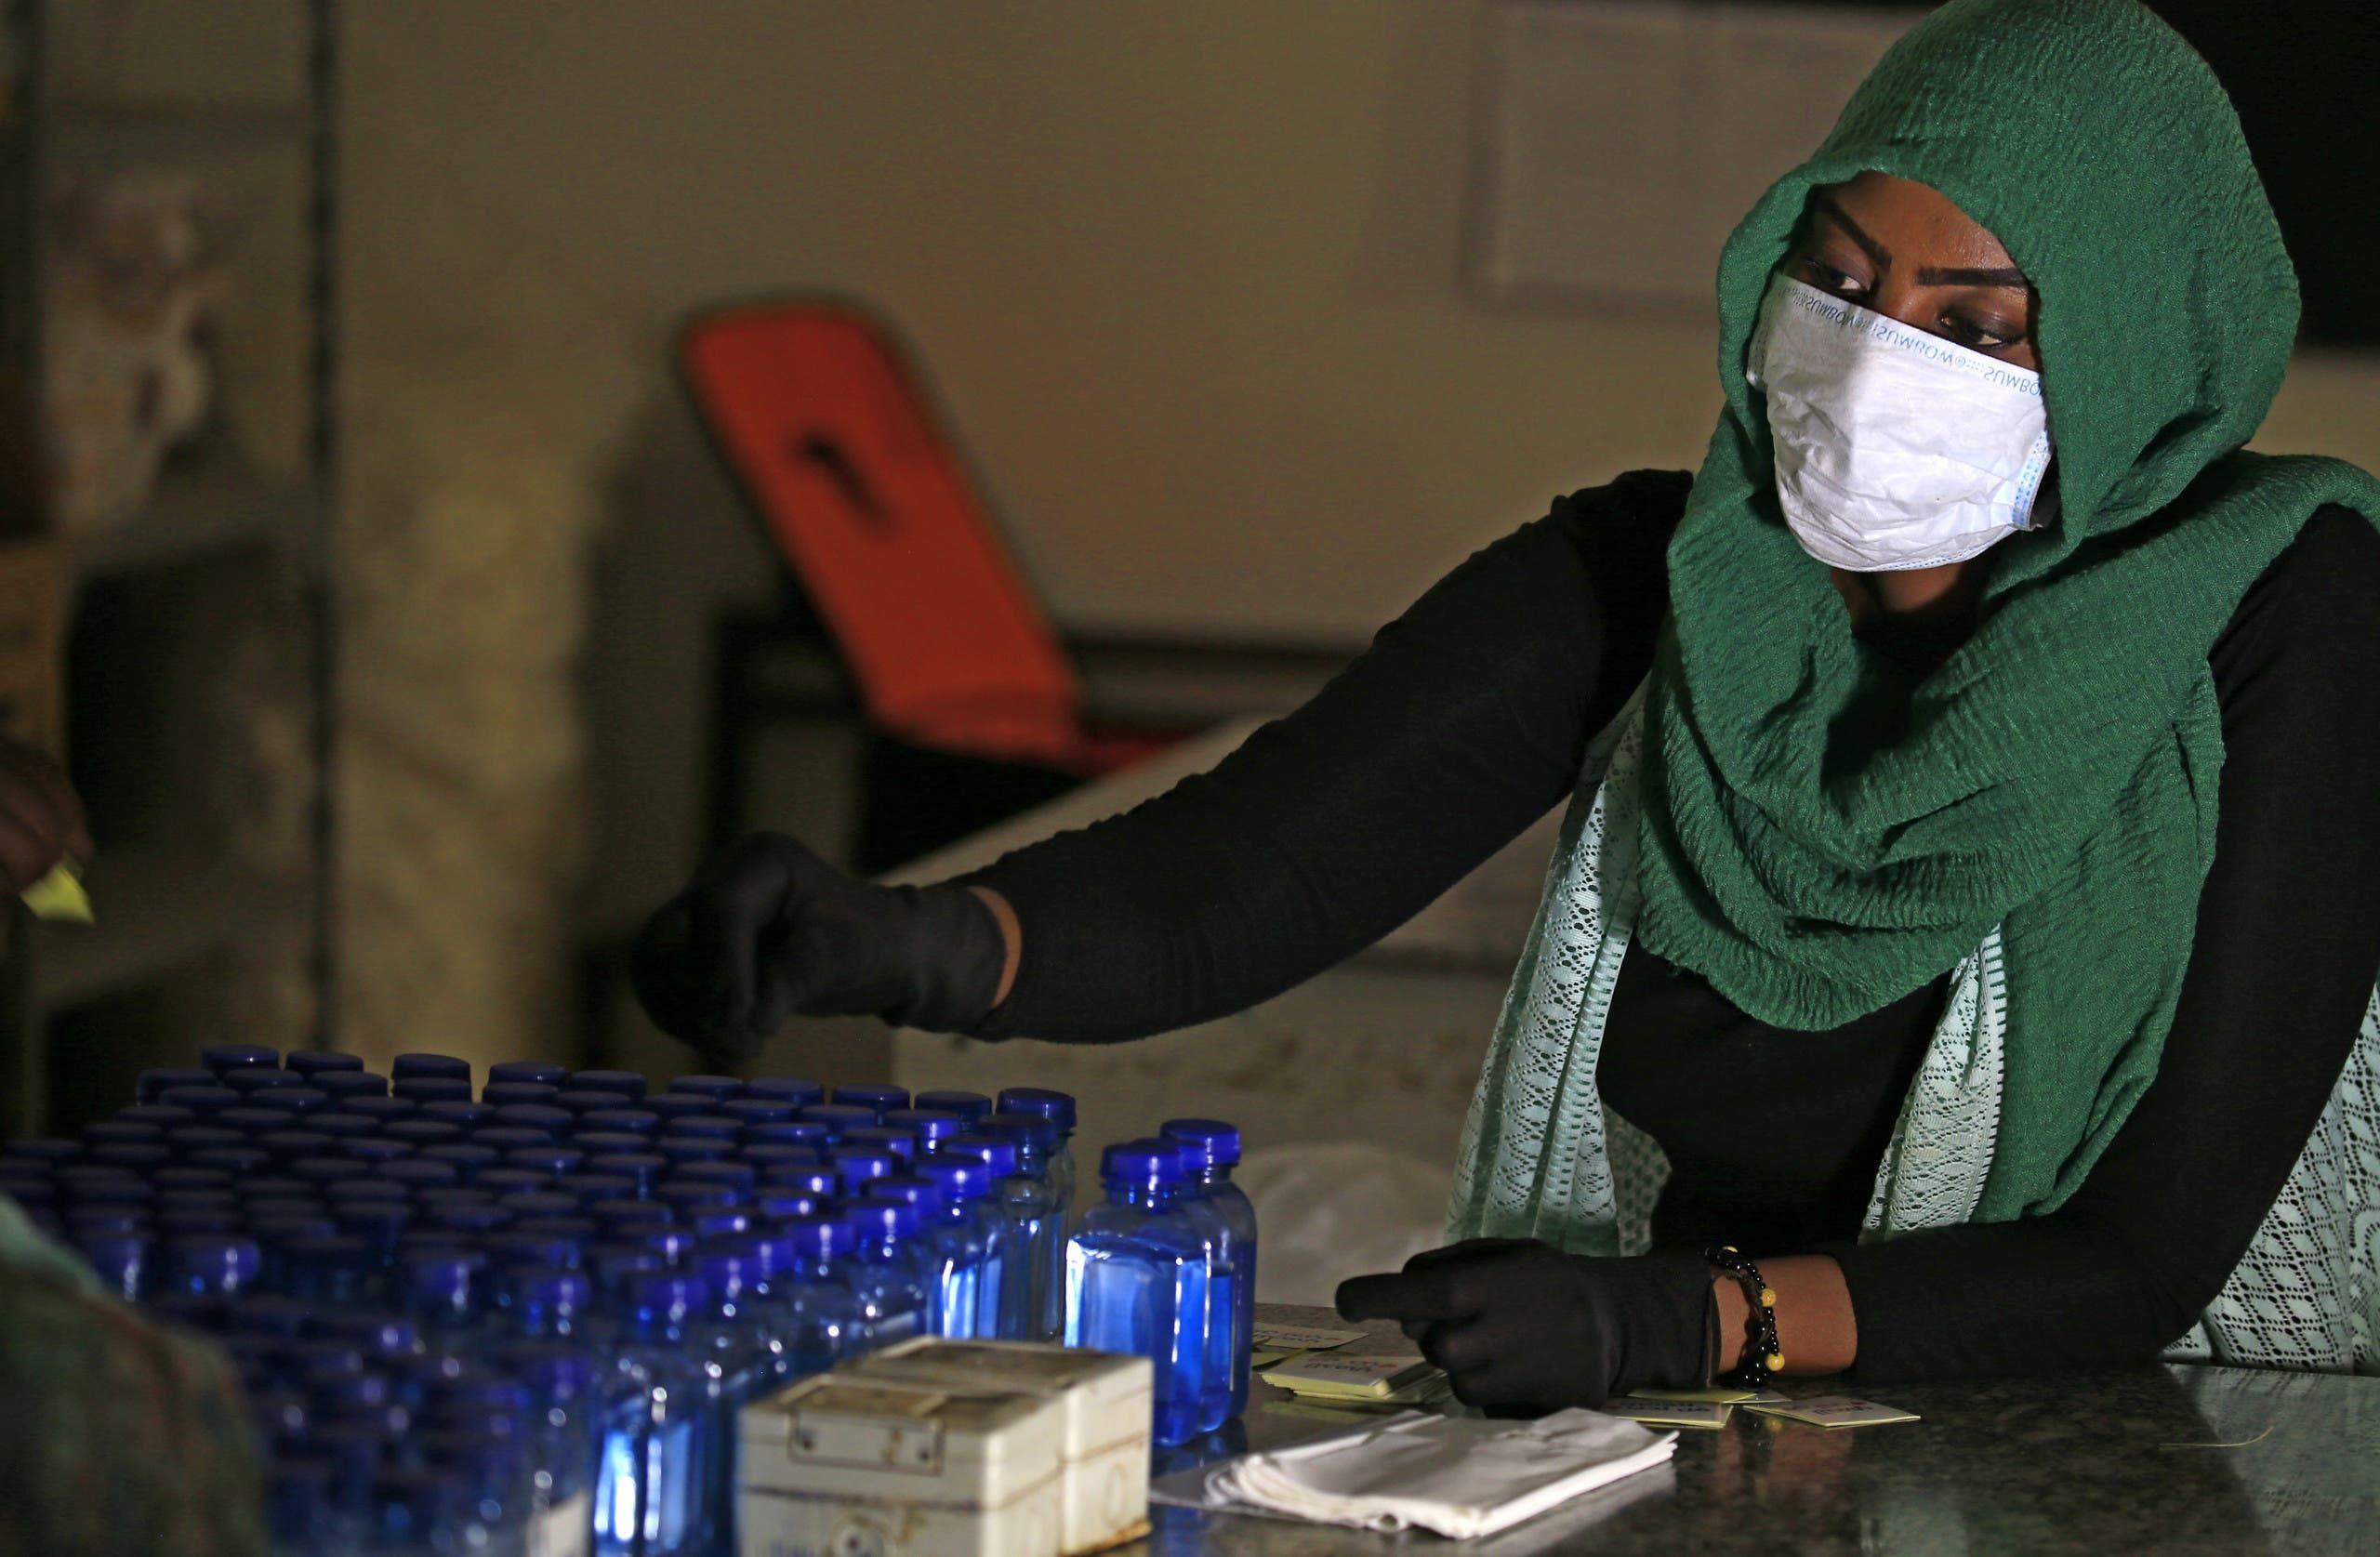 طالبة في مختبر بجامعة الخرطوم تعد المعقمات للمساهمة بالحرب على كورونا